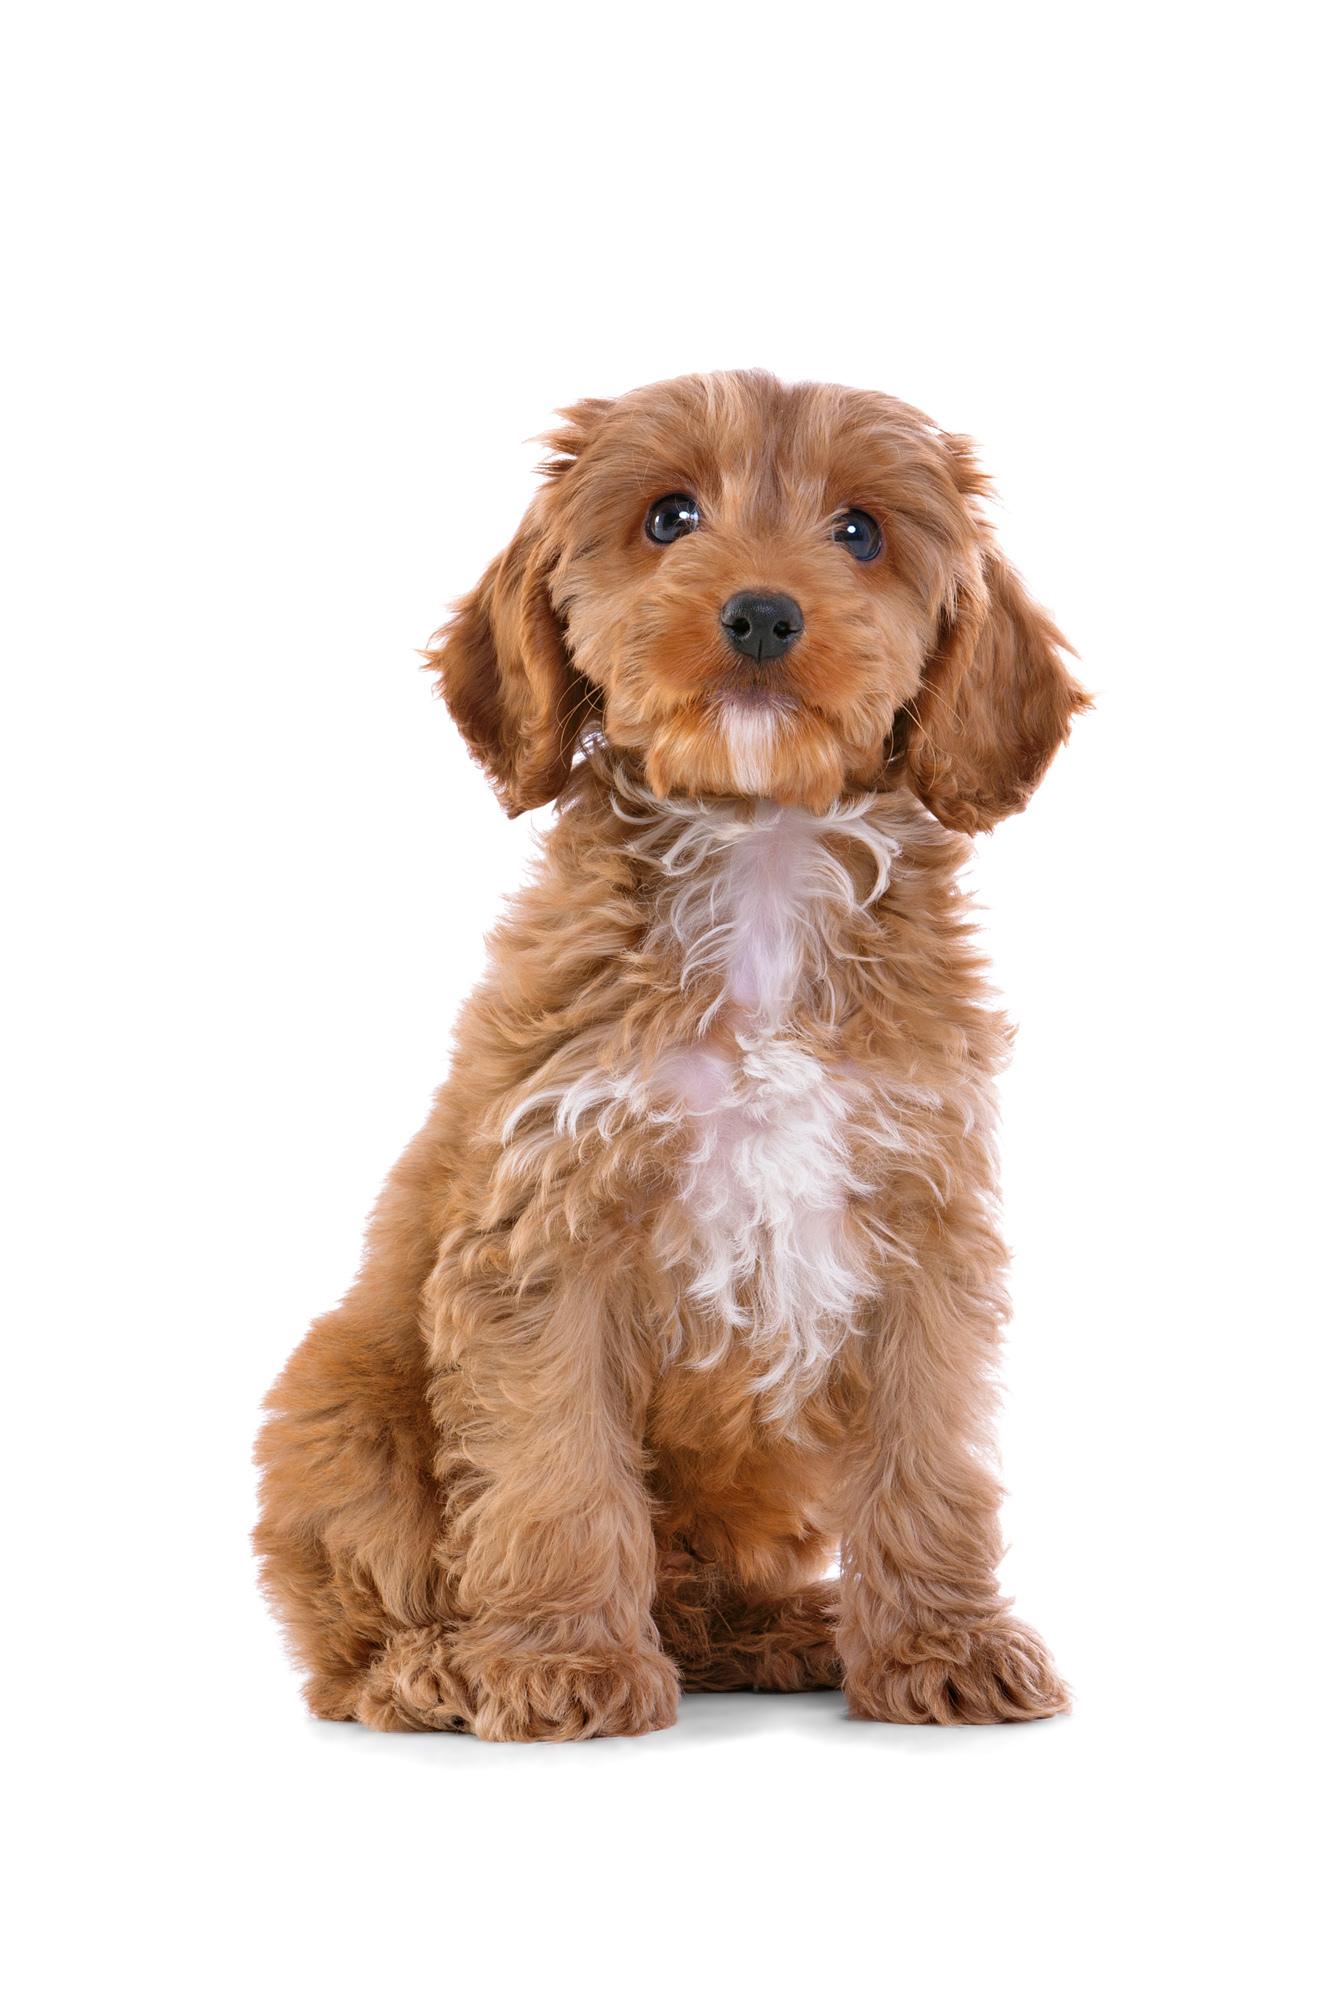 Revealed 5 Most Popular Designer Dog Breeds The Bolton News